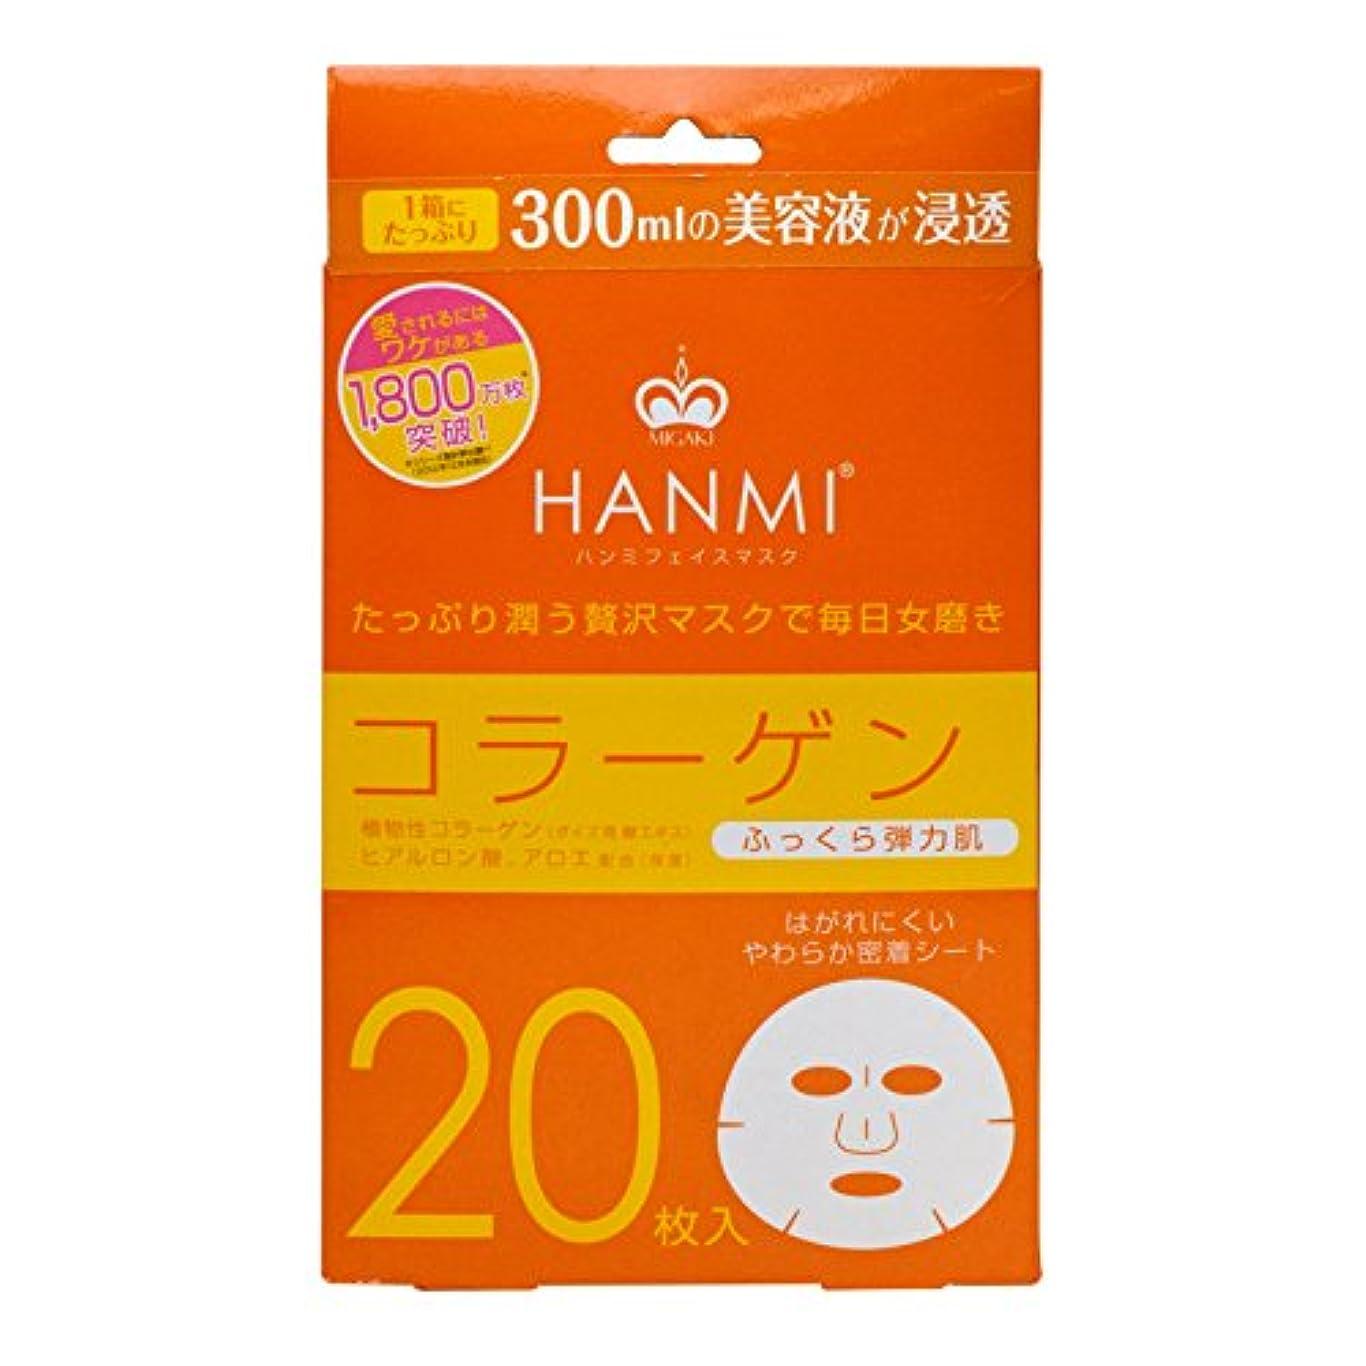 韻分解する祝うMIGAKI ハンミフェイスマスク コラーゲン 20枚入り